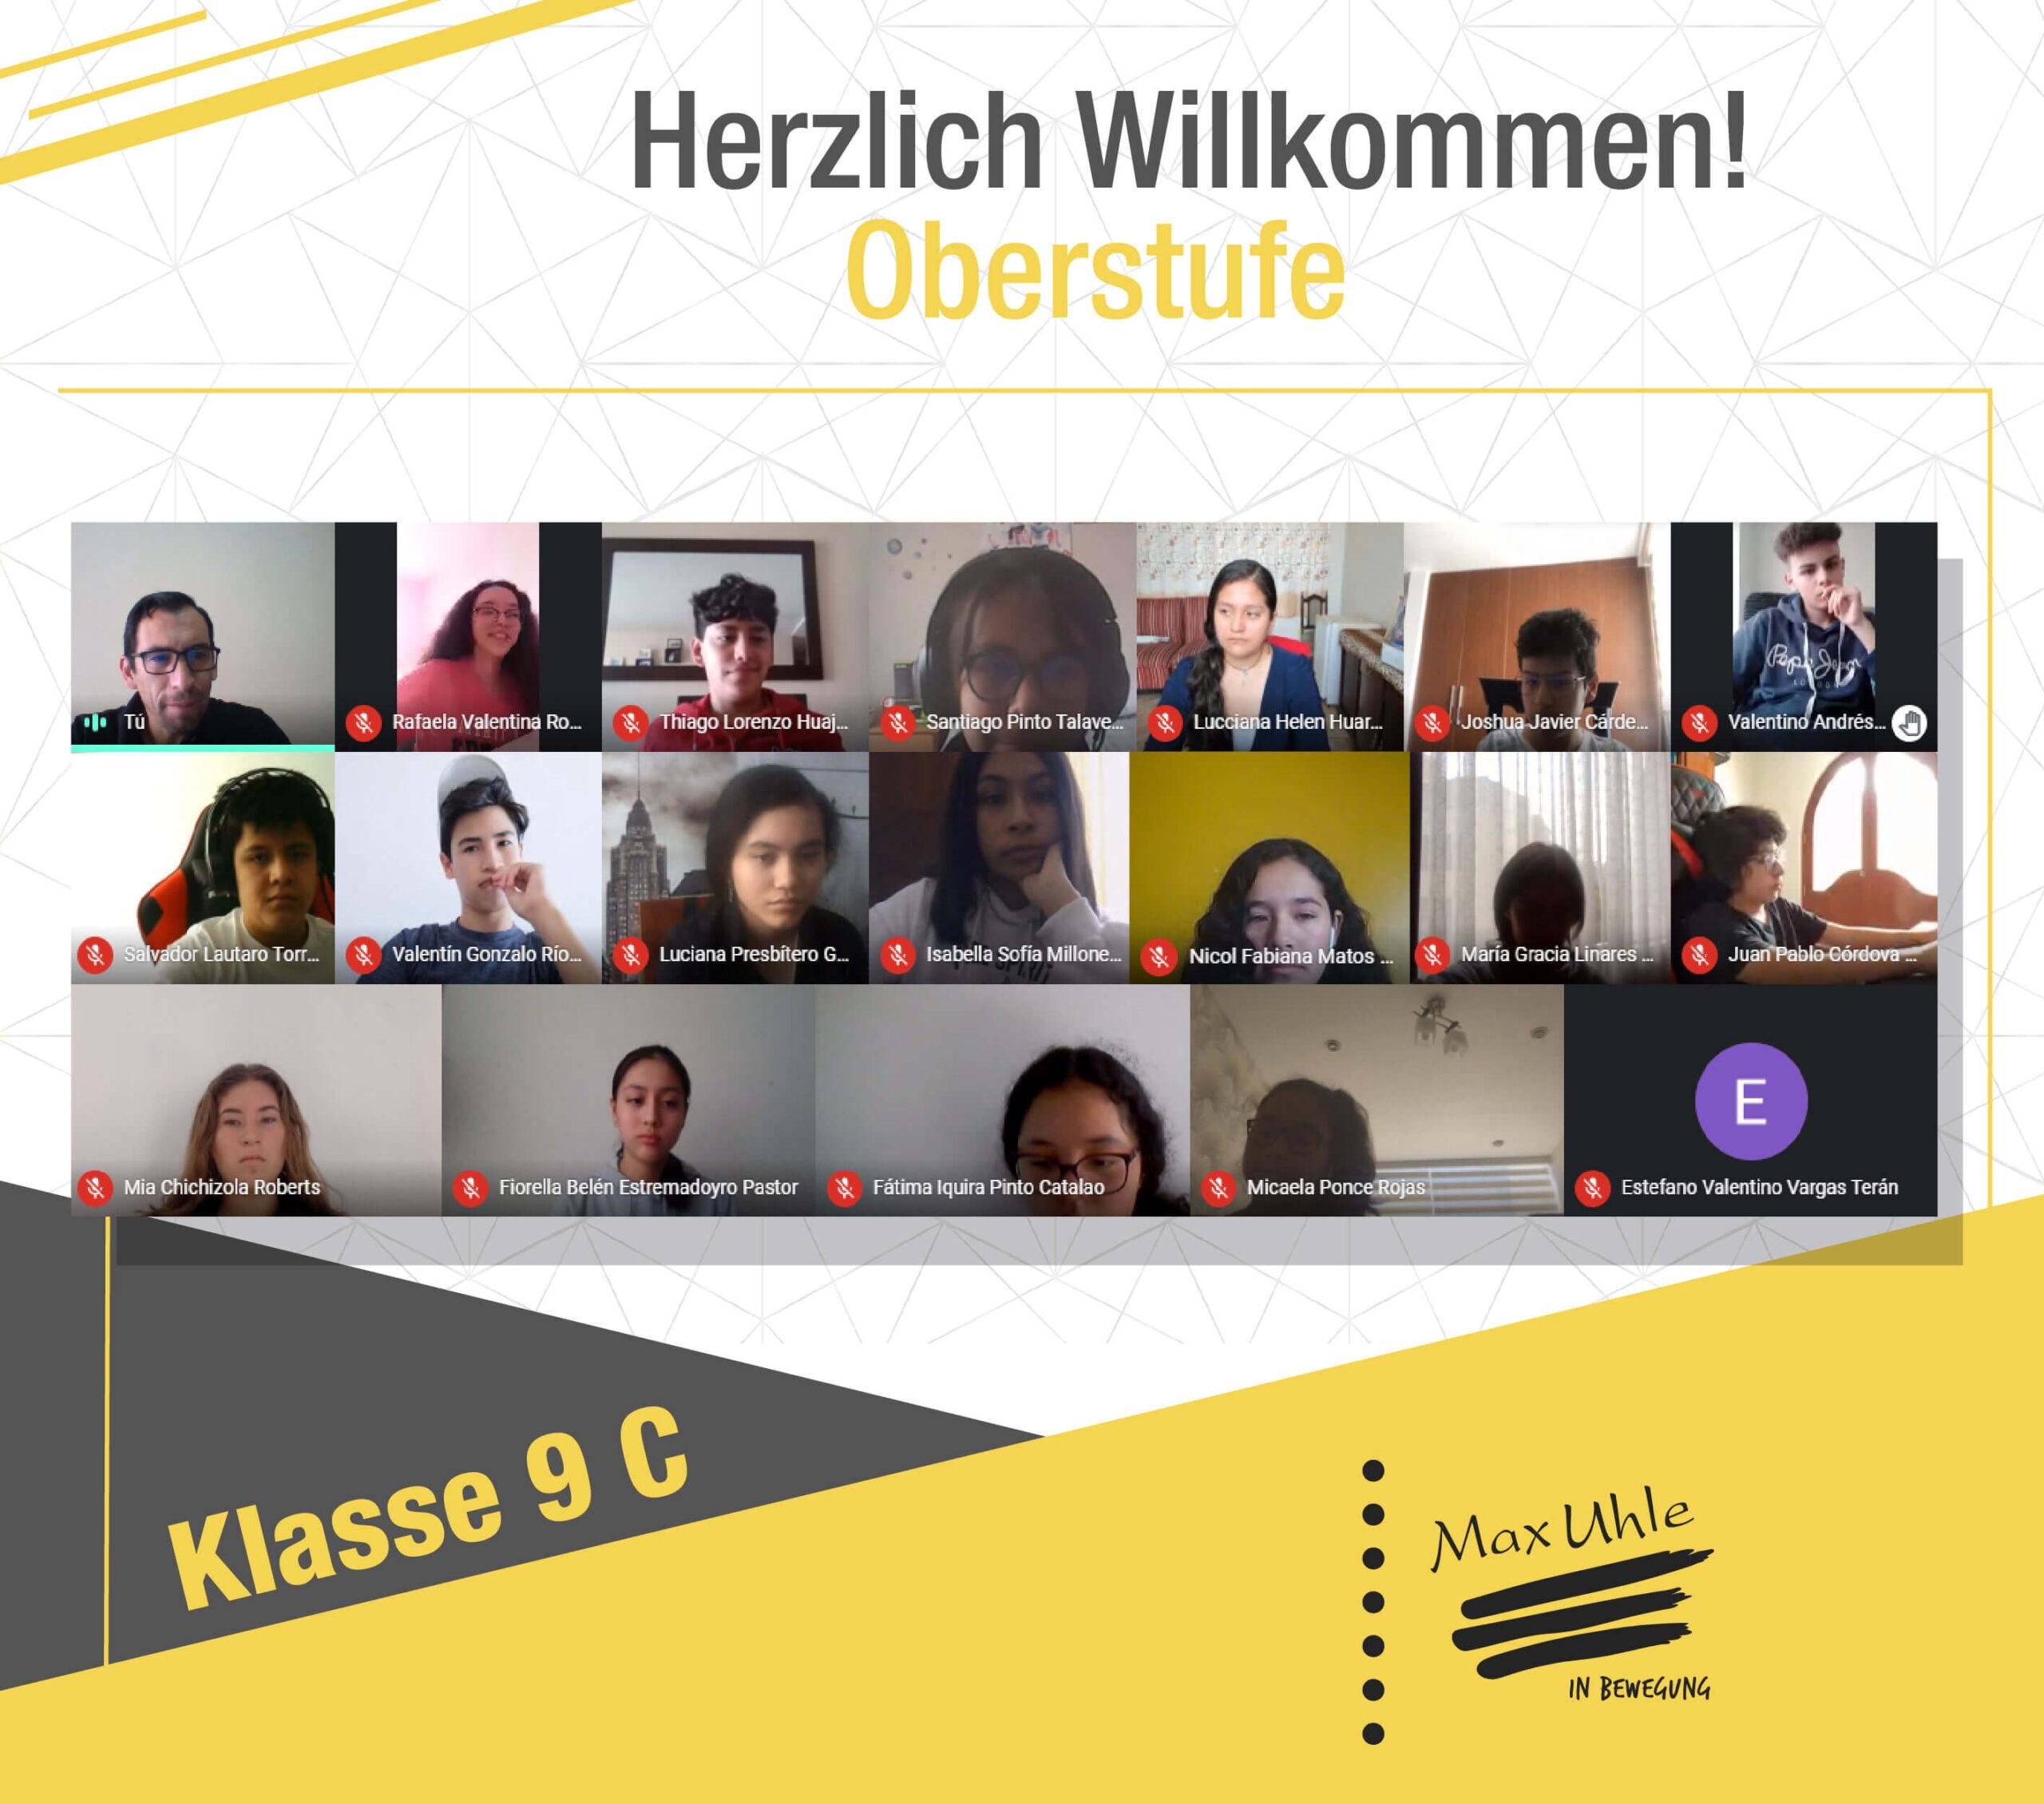 regreso a clases 2021 Oberstufe 9C